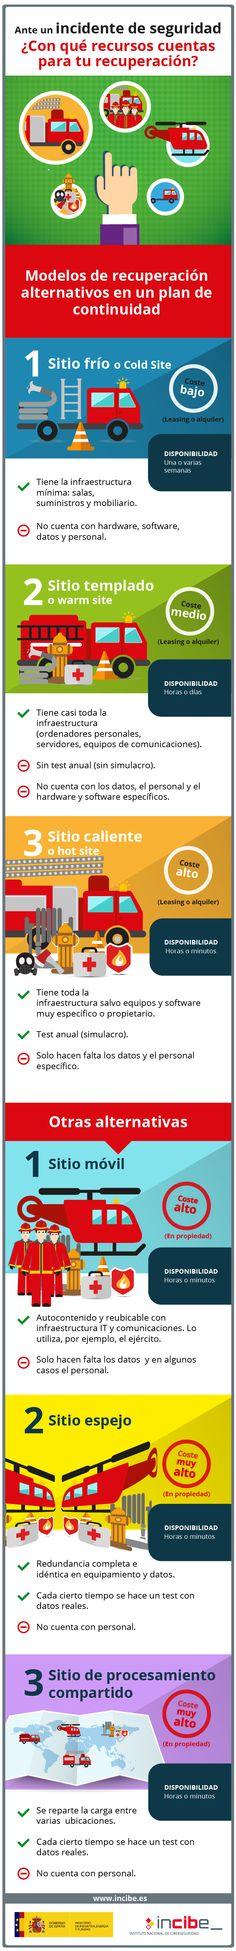 Hola: Una infografía sobre los Modelos de recuperación para un incidente de seguridad. Vía Un saludo